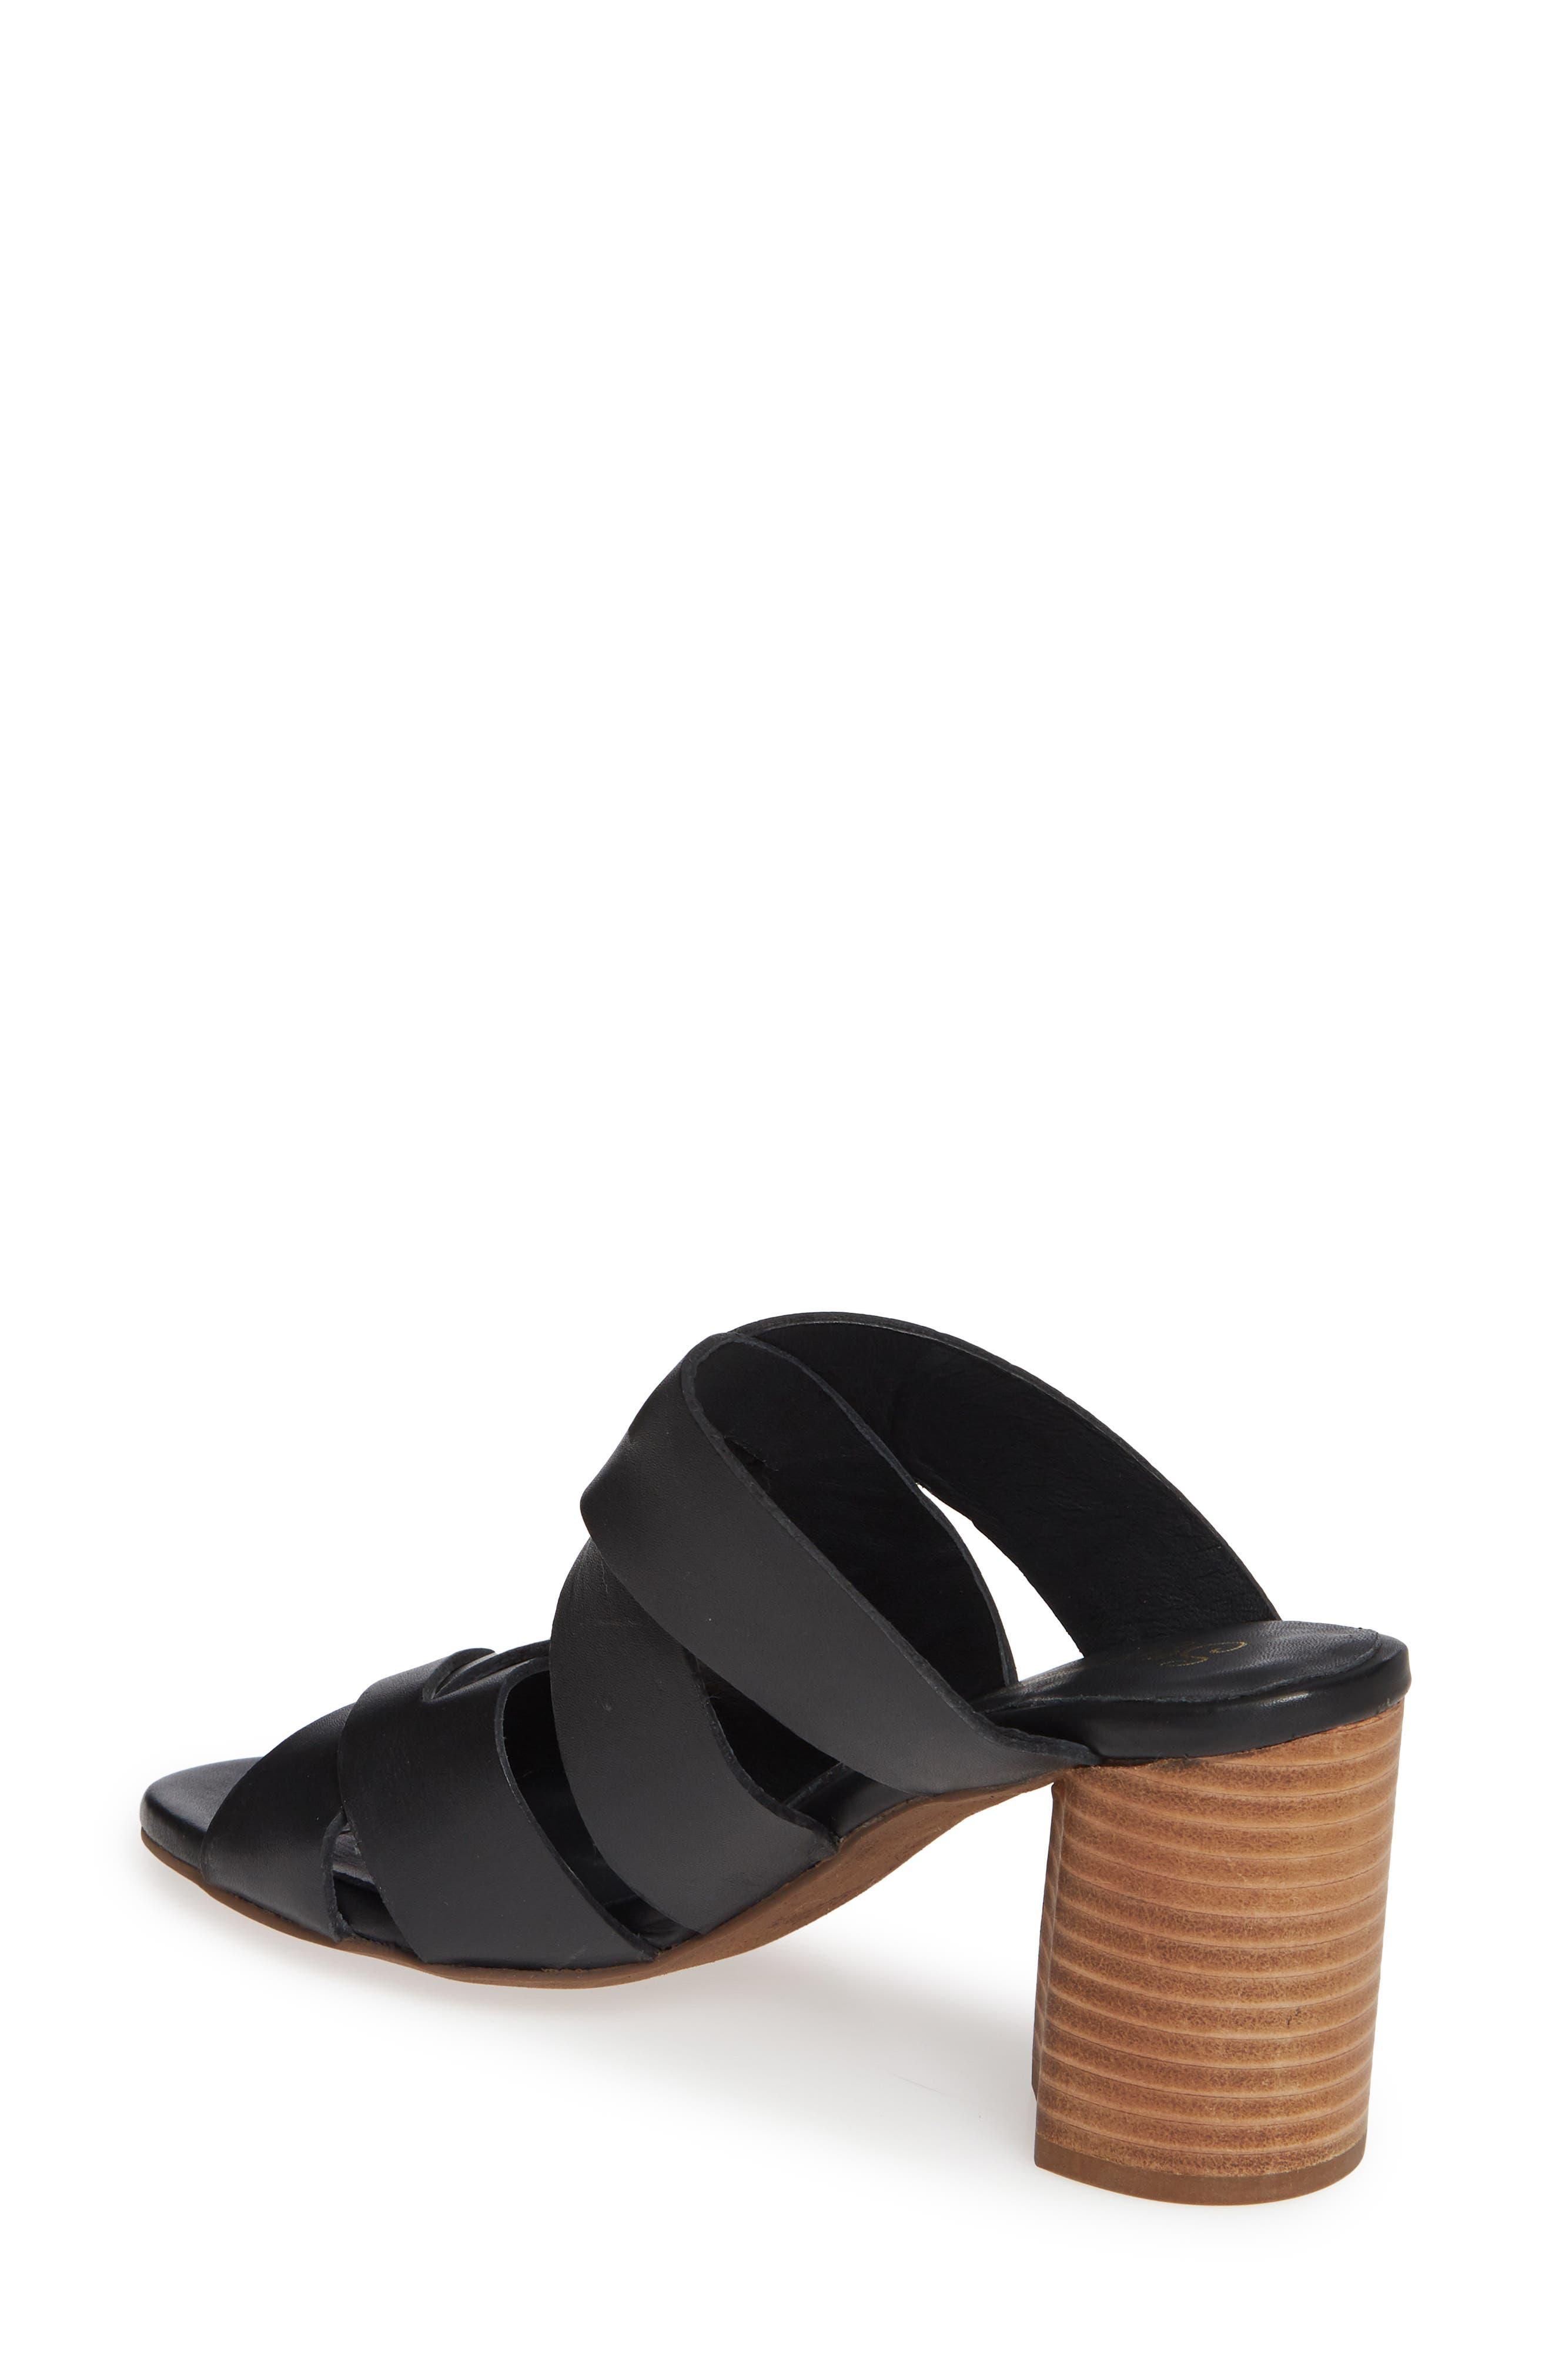 569000c165 Women's Seychelles Heeled Sandals | Nordstrom